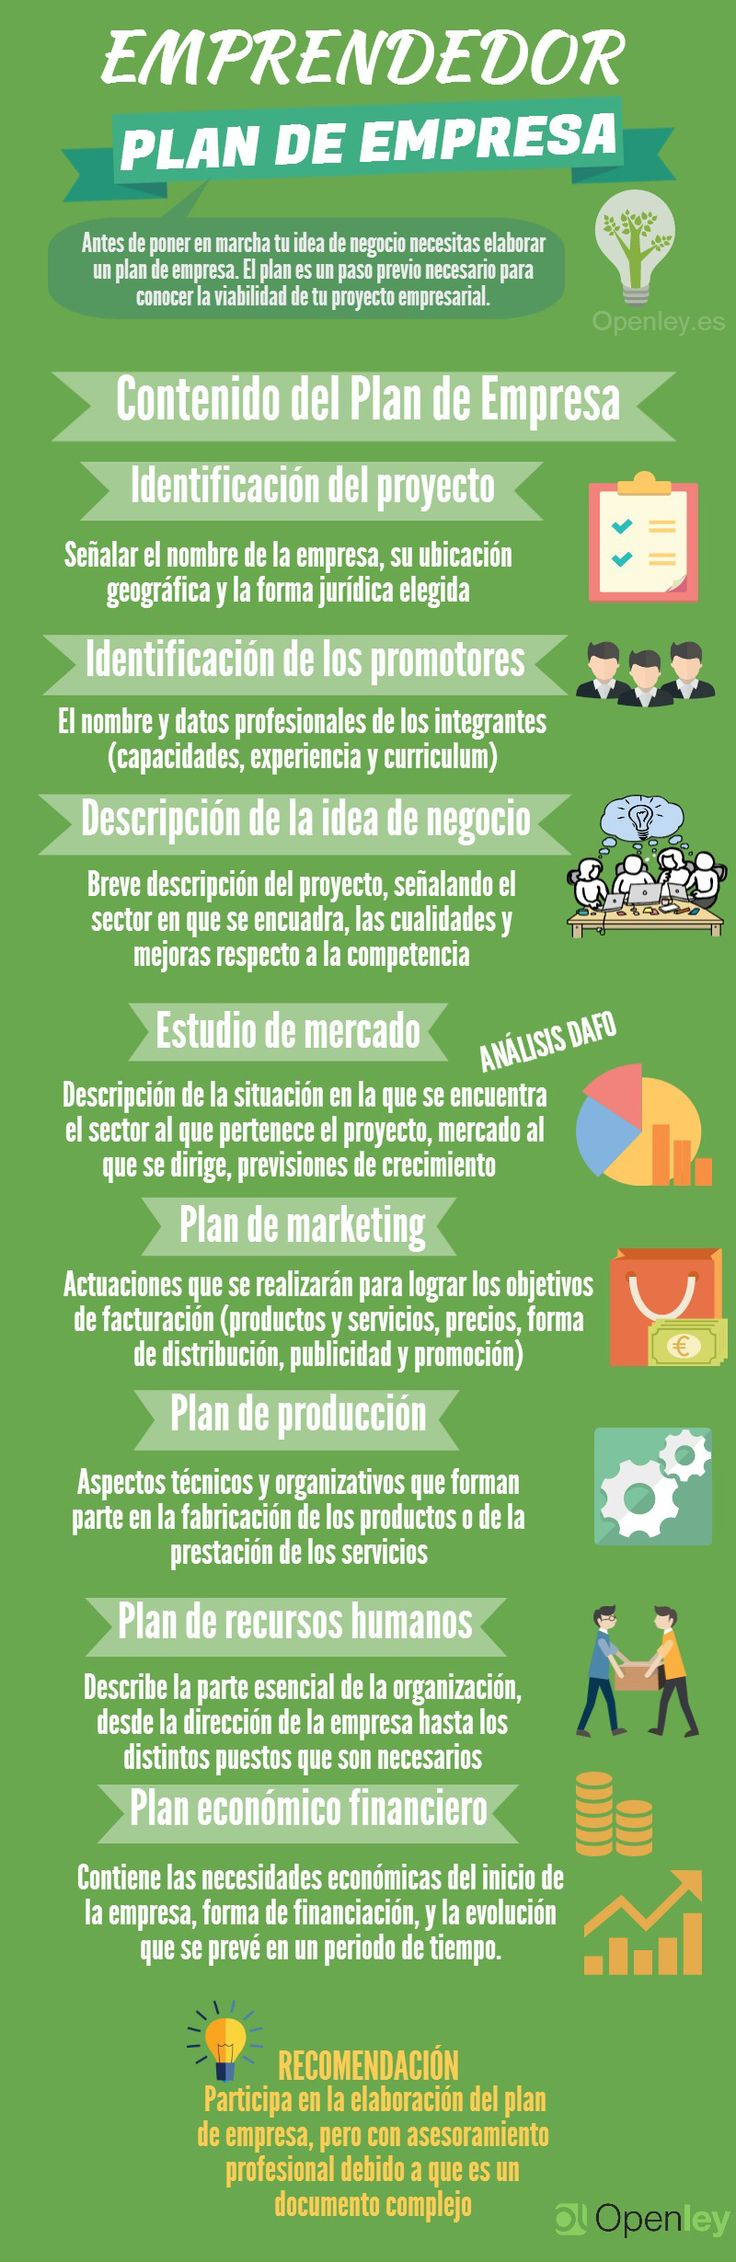 Plan de Empresa ¿Qué es ?¿Para que sirve? #infografía #emprendedores…